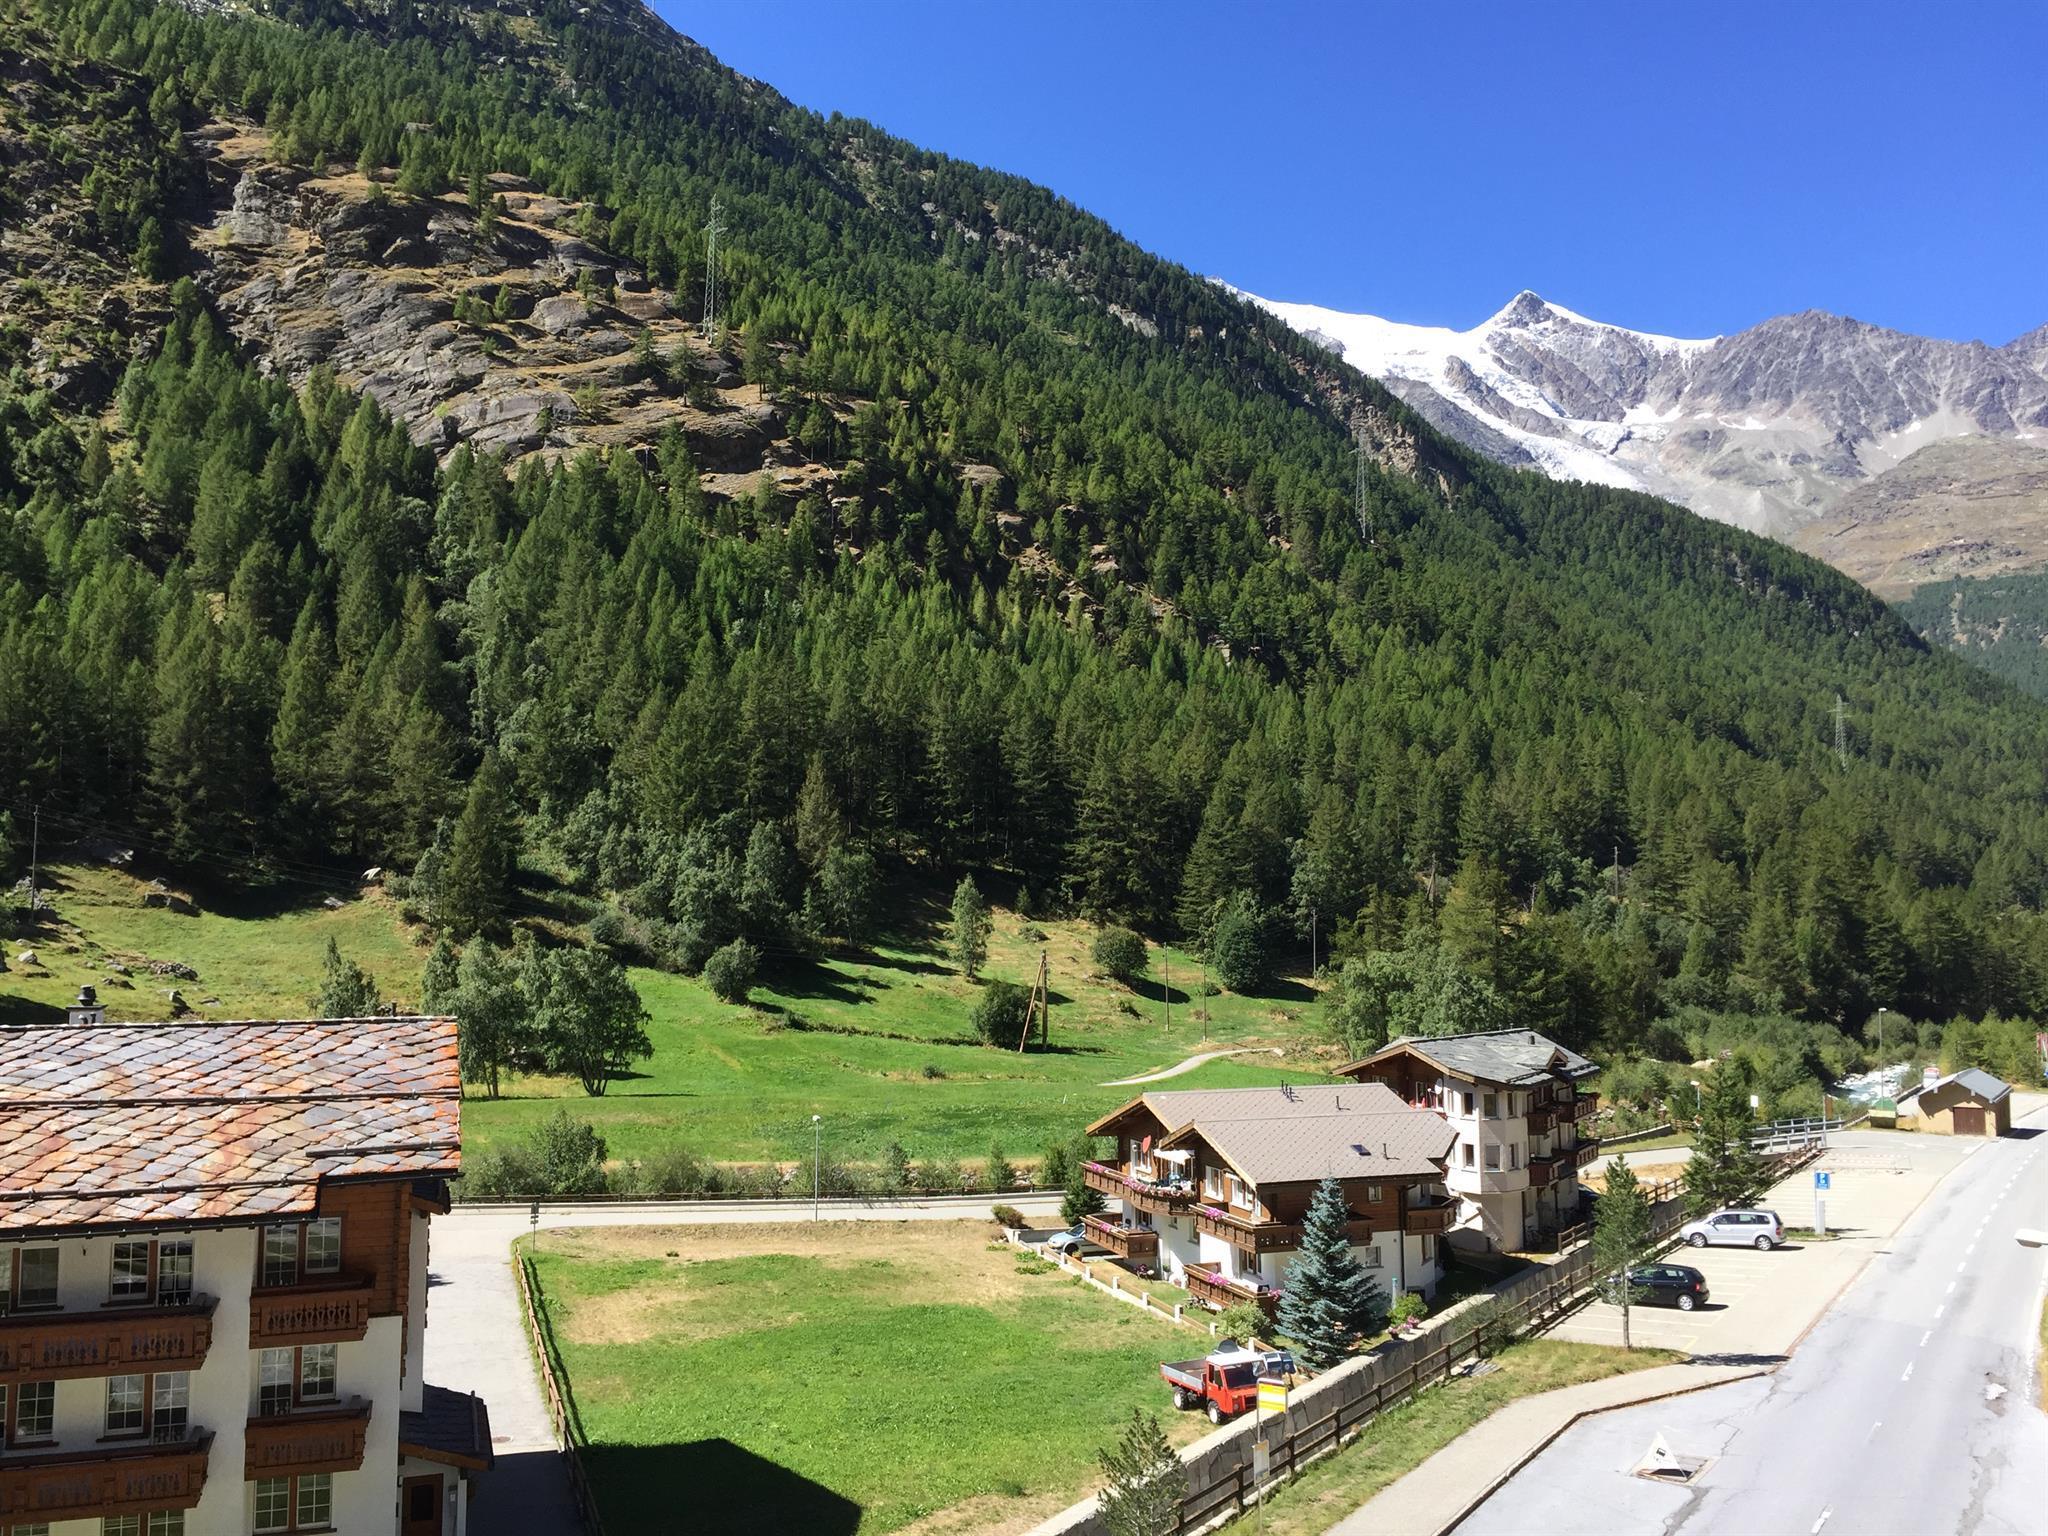 Ferienwohnung Saphir Diamond 2-Bettwohnung (794491), Saas Almagell, Saastal, Wallis, Schweiz, Bild 16